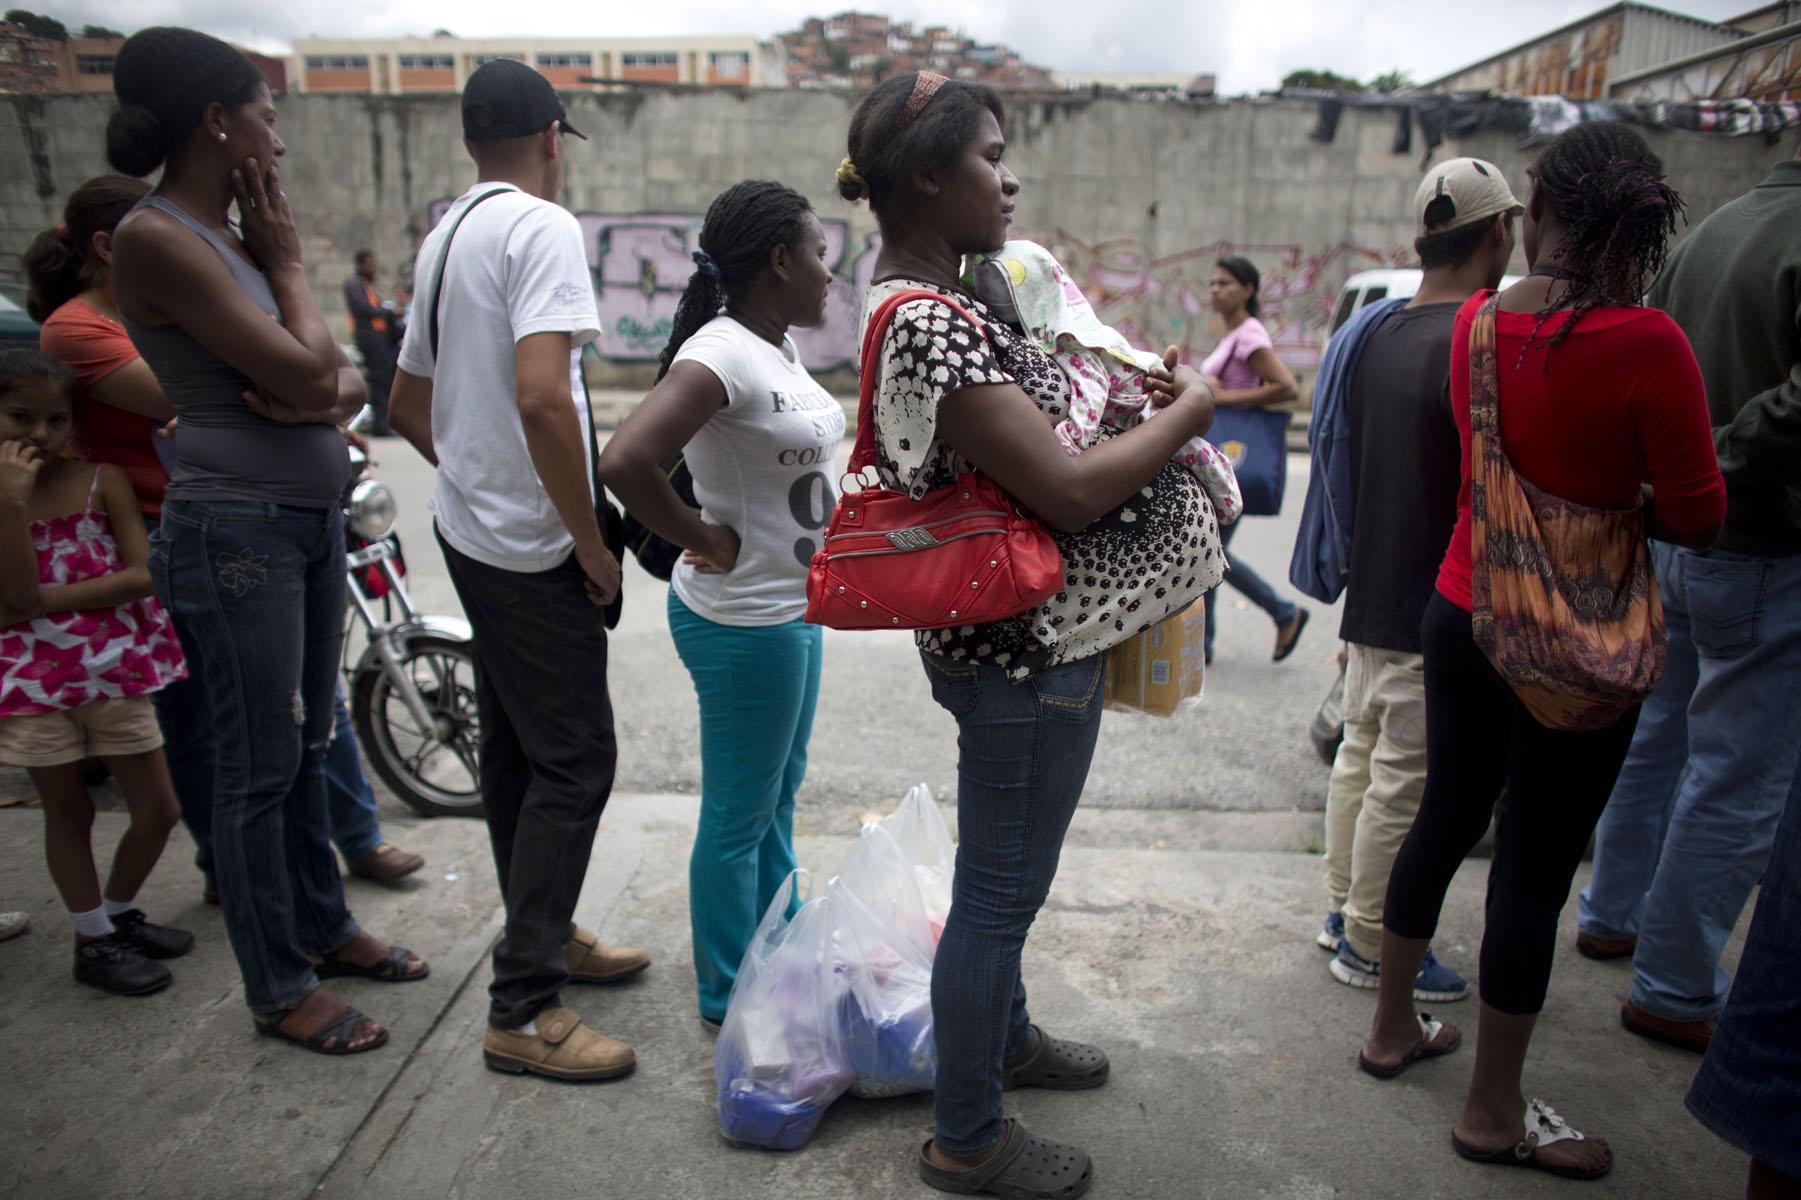 En esta fotografía del lunes 2 de mayo de 2016, una mujer embarazada espera en la fila afuera de un supermercado de Caracas, Venezuela, para comprar comida. En algunas tiendas, las embarazadas y los ancianos usan filas preferentes, pero no en esta tienda. (AP Foto/Ariana Cubillos)